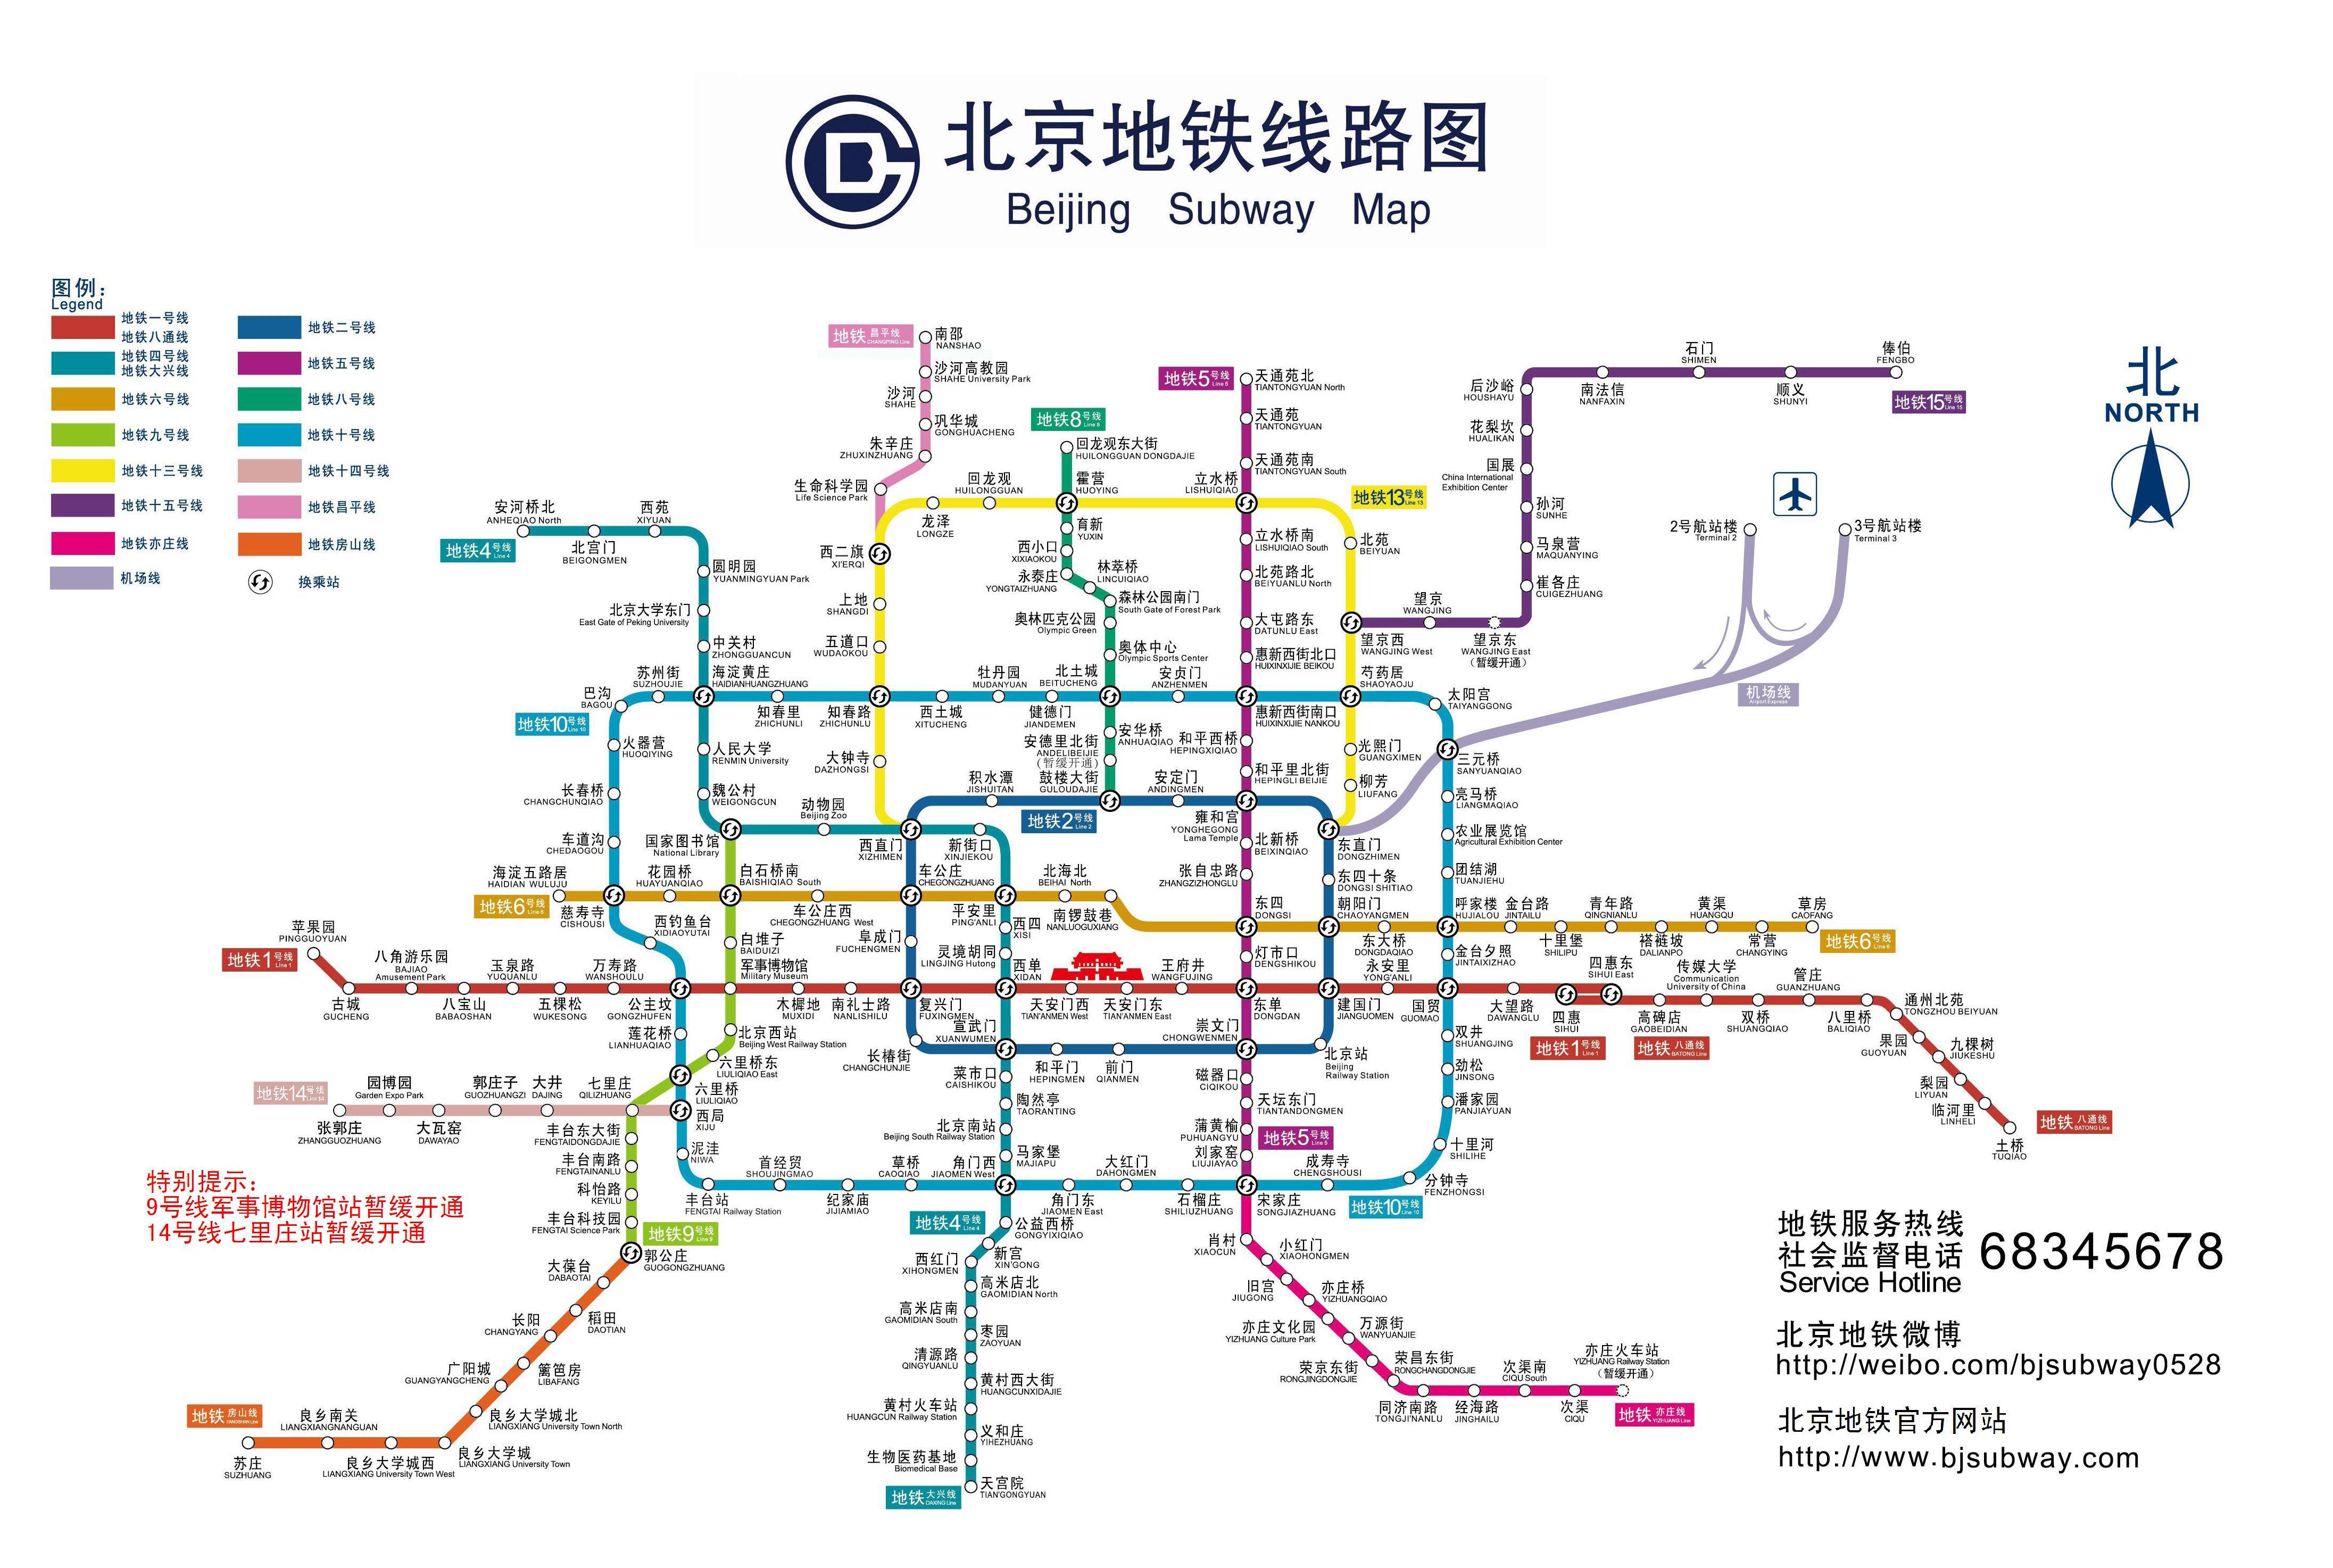 北京地铁图